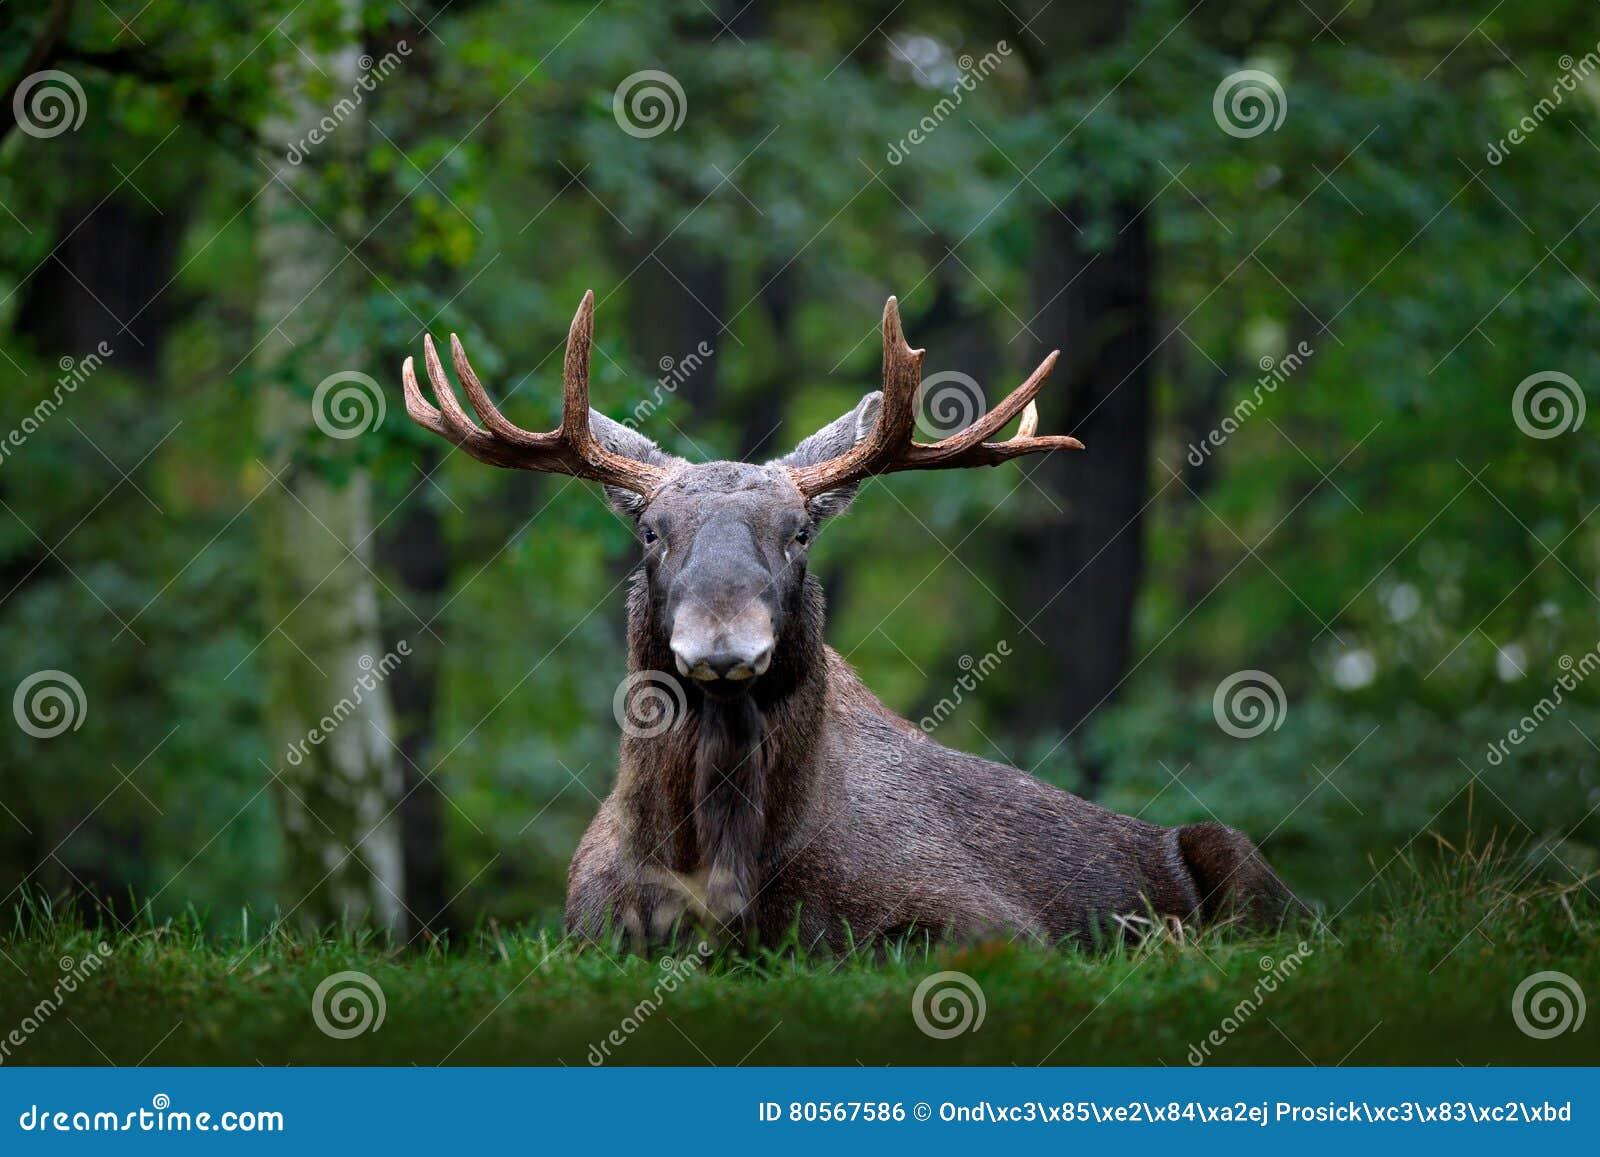 Elche, Nordamerika oder eurasische Elche, Eurasien, Alces Alces im dunklen Wald während des regnerischen Tages Schönes Tier in de